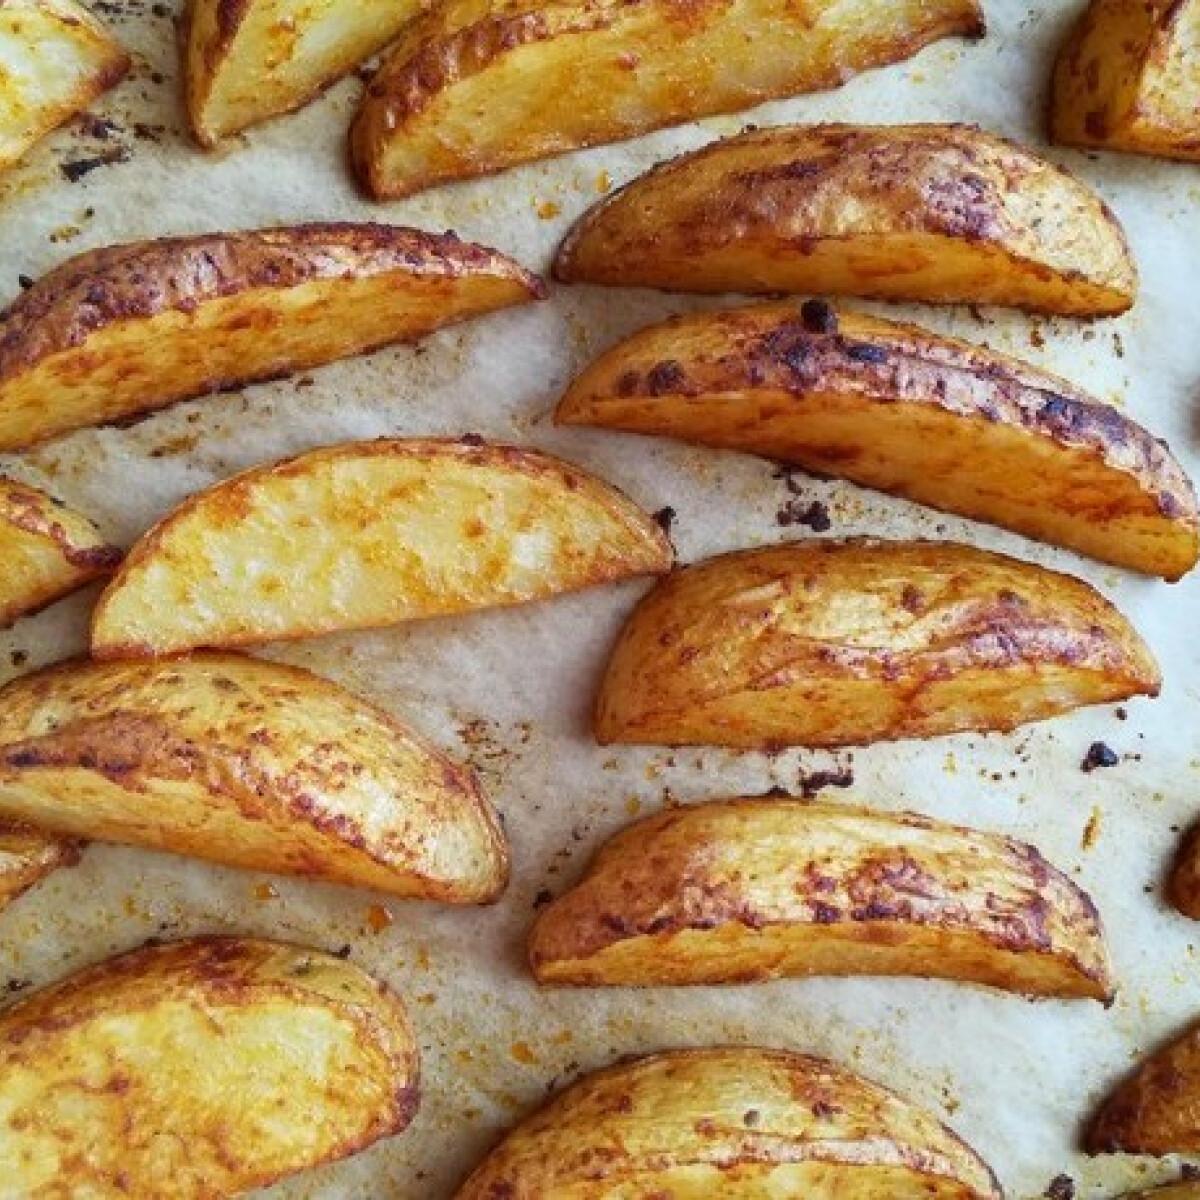 Ennyi rost van egyes élelmiszerekben – például a héjában sült krumpliban vagy a babban